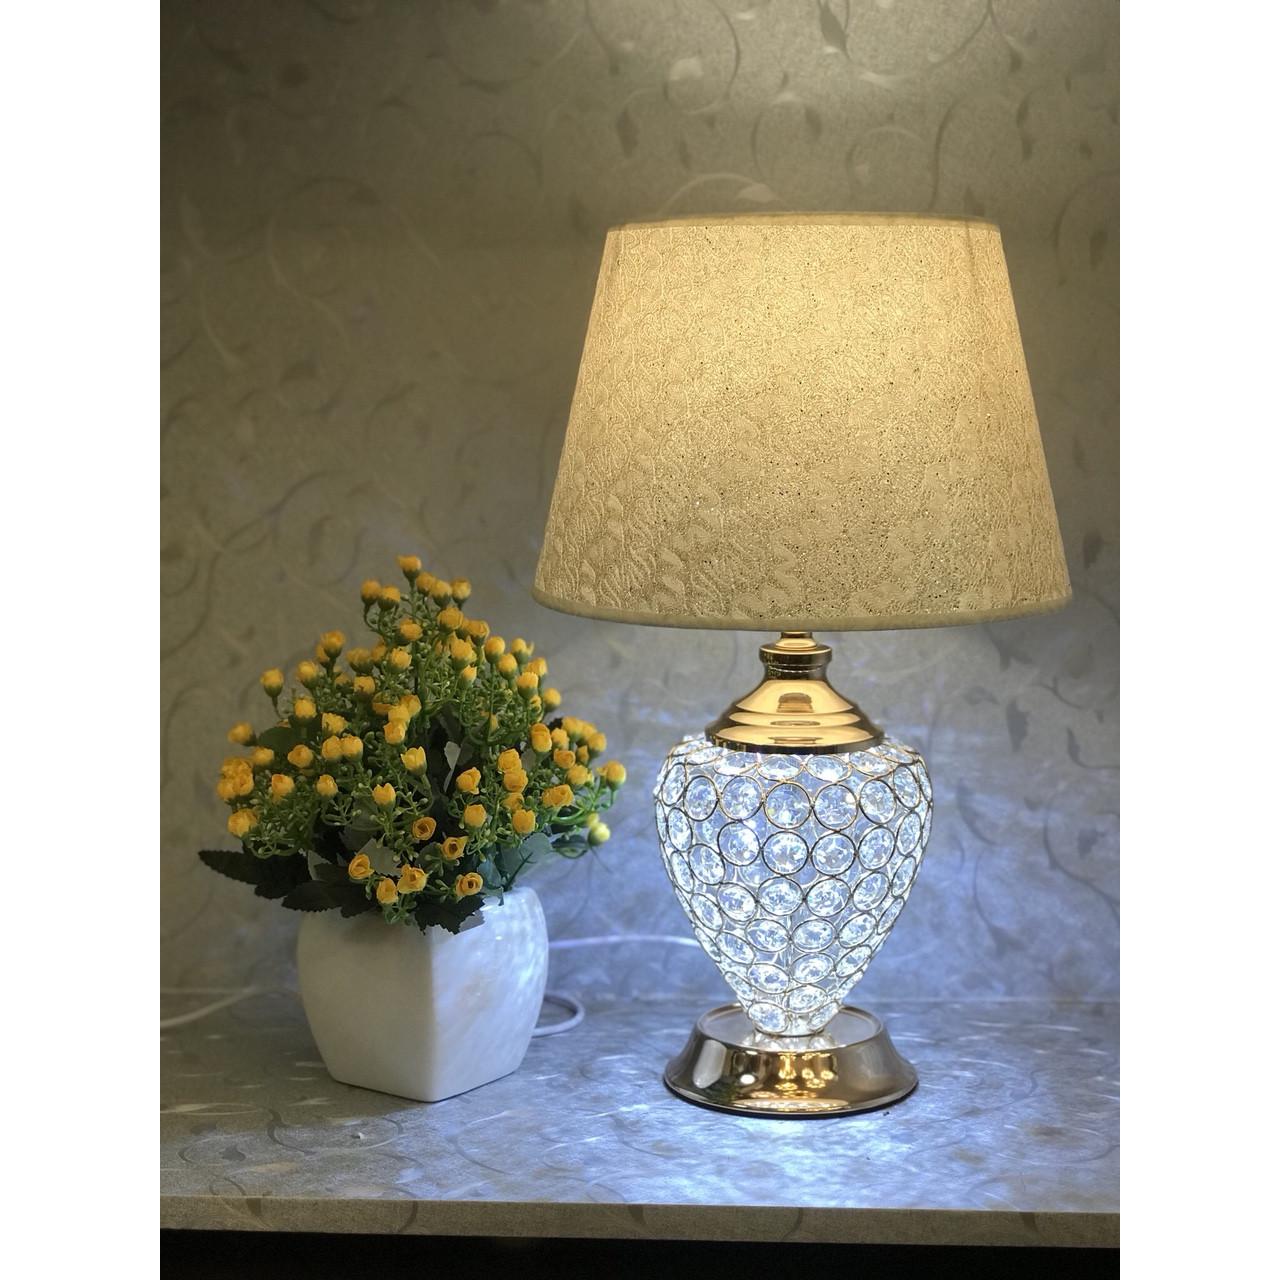 Đèn ngủ - đèn ngủ trang trí - đèn ngủ để bàn pha lê sang trọng 5288